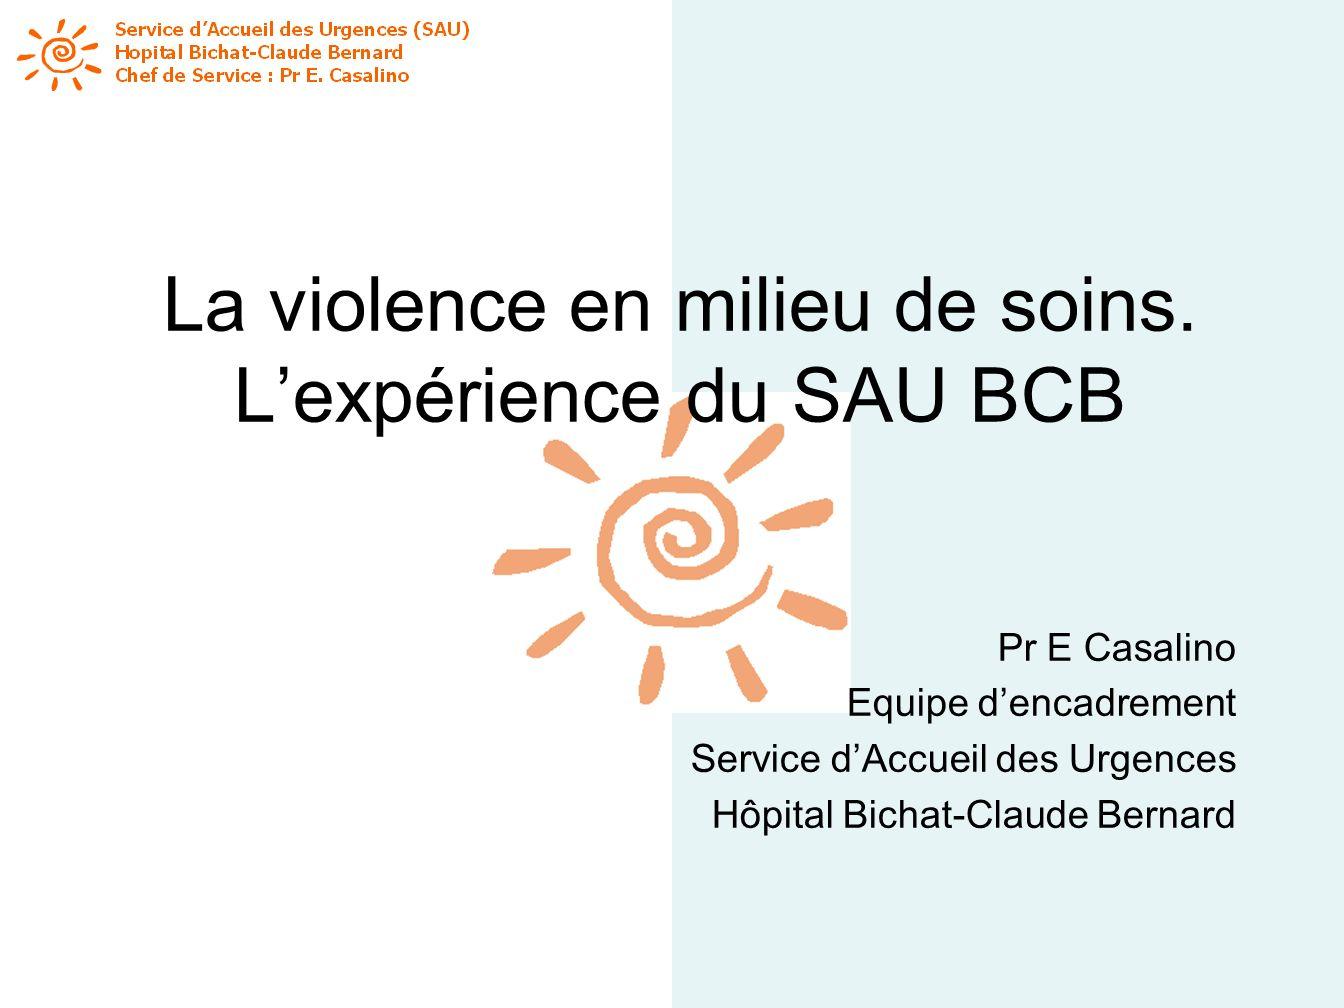 La violence en milieu de soins. L'expérience du SAU BCB